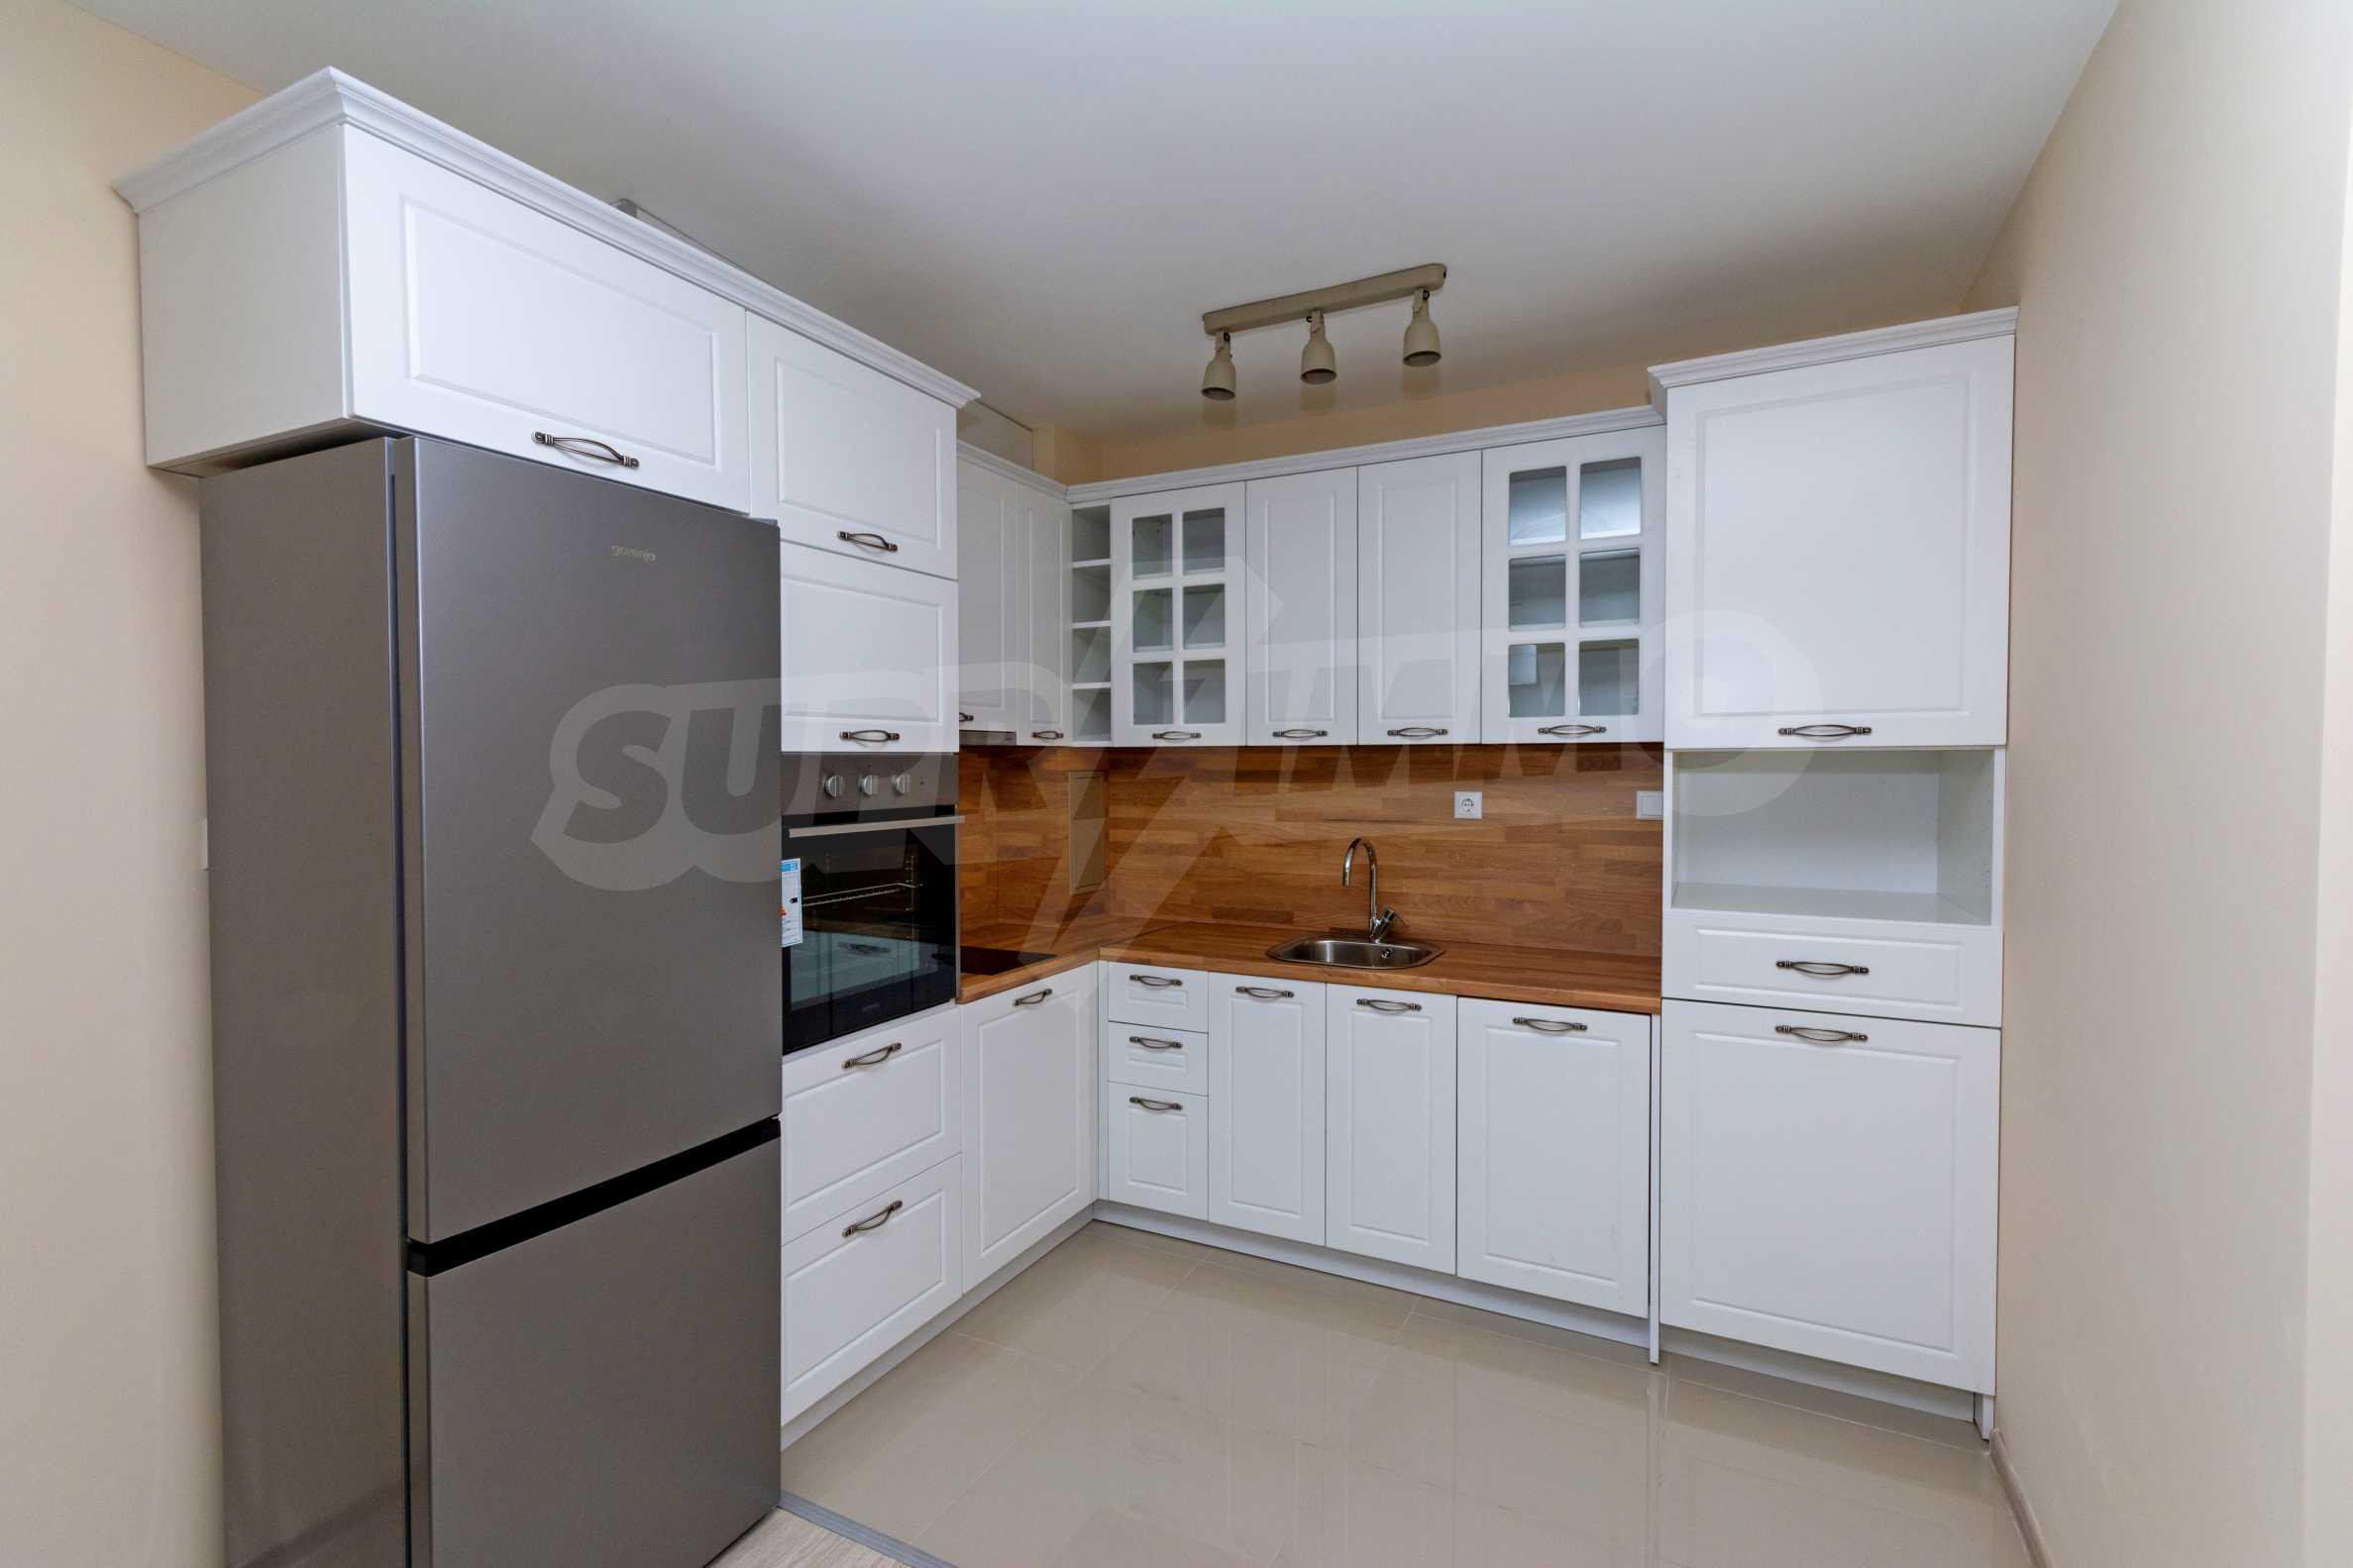 Двустаен апартамент в луксозна жилищна сграда на комуникативна локация в гр.Пловдив 3